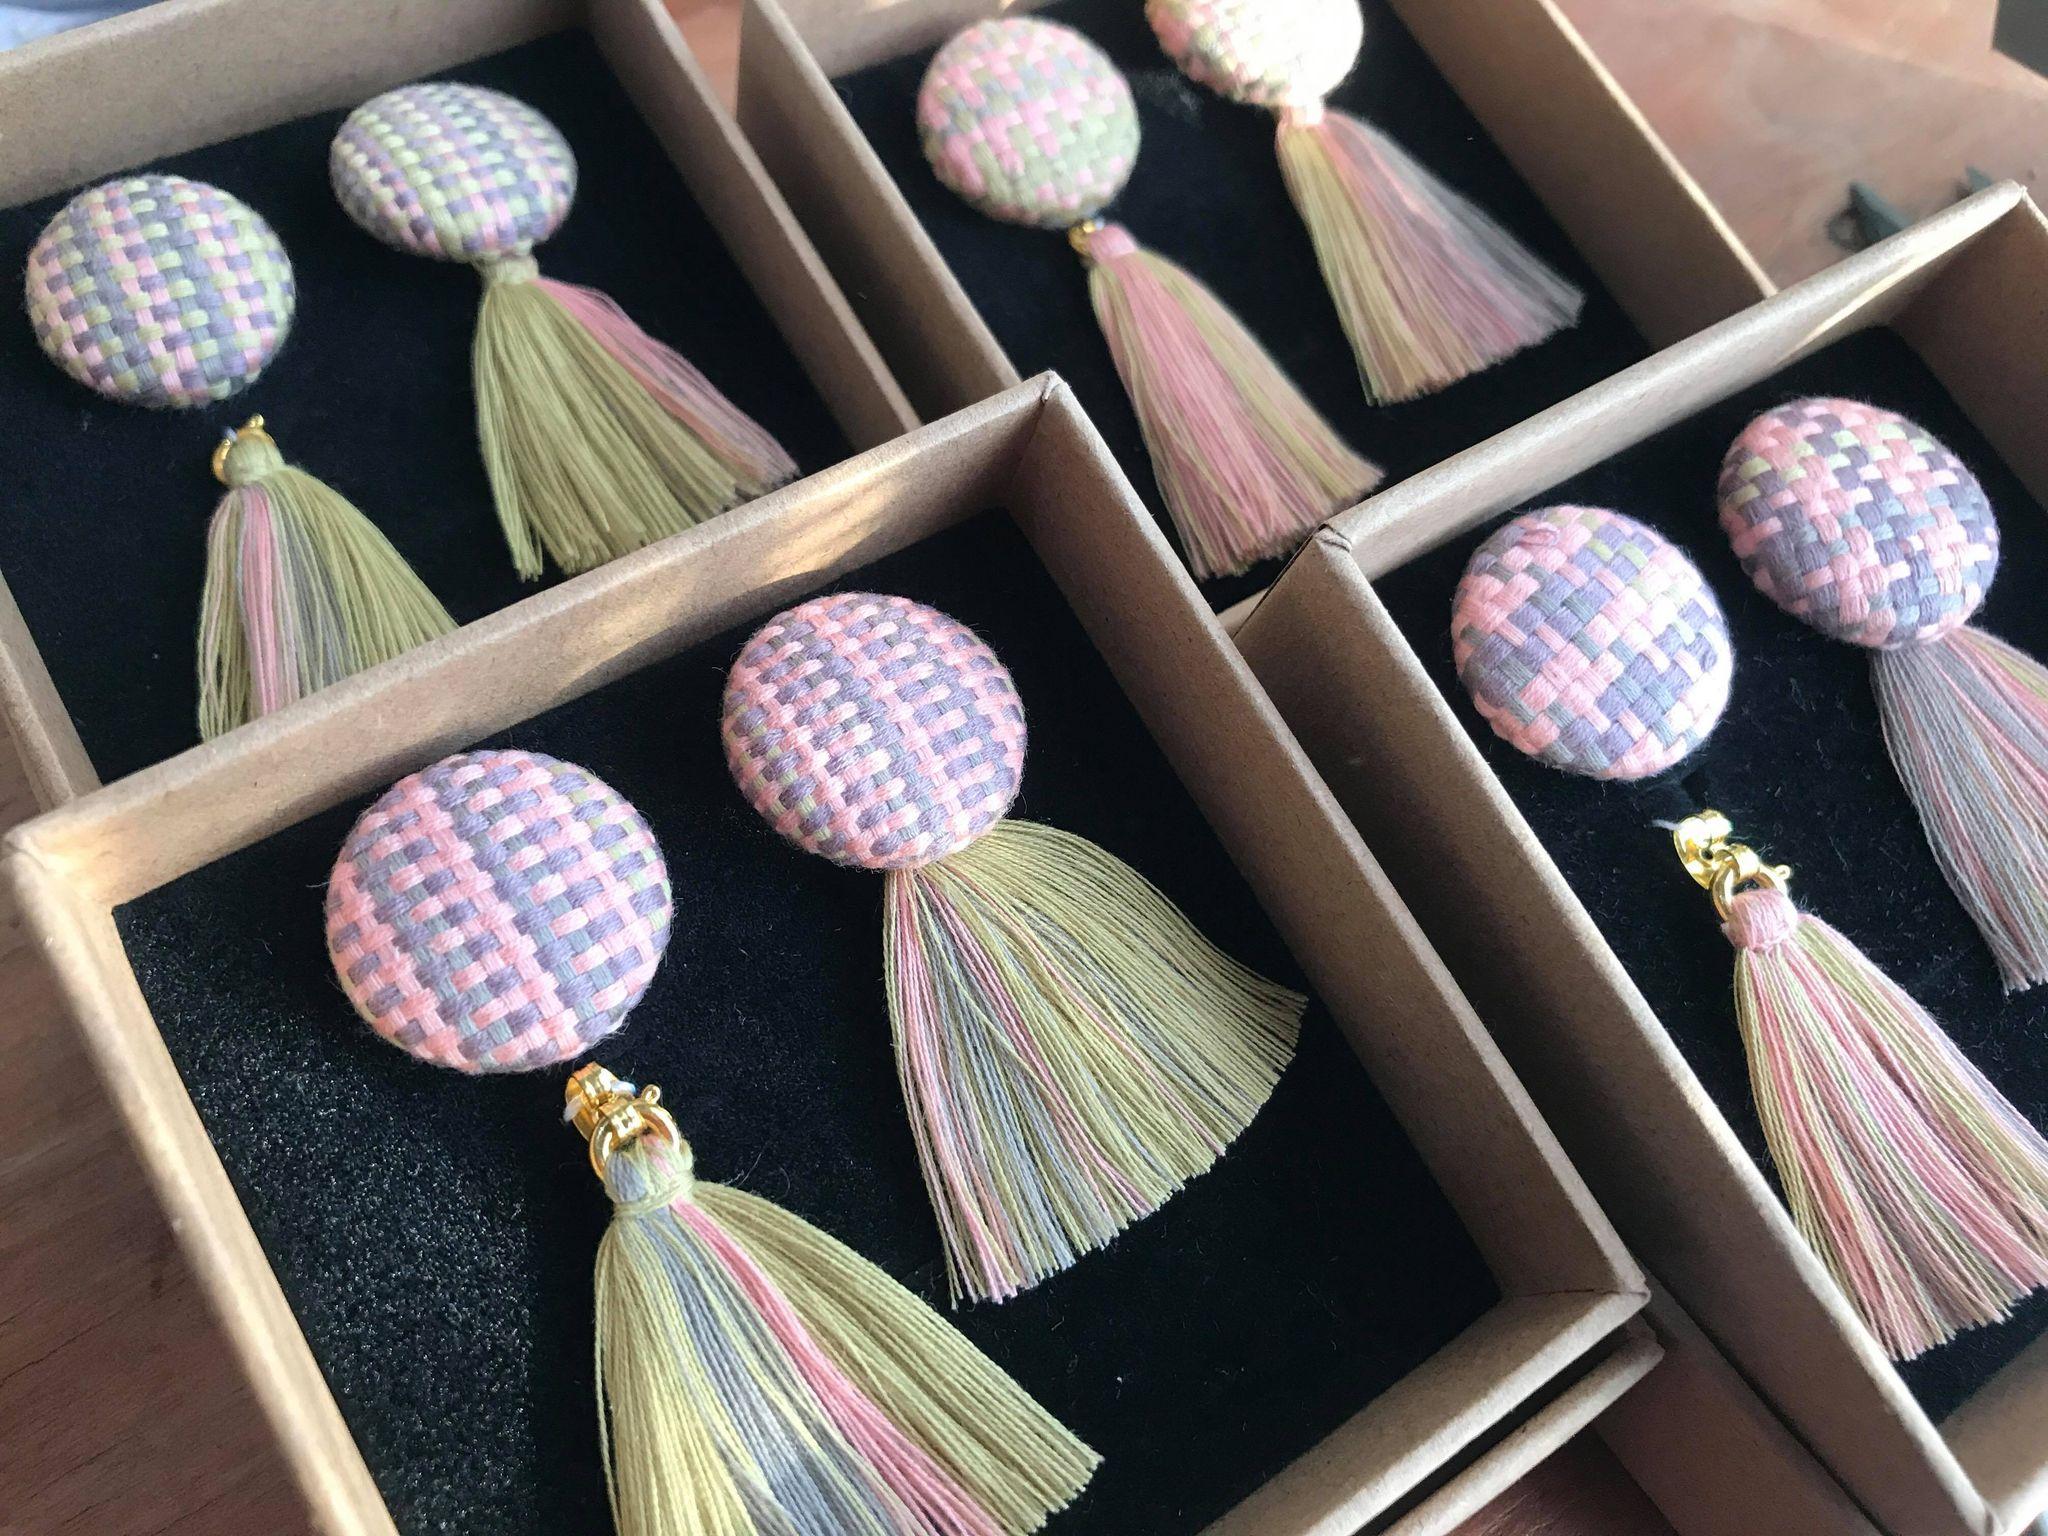 ユキハシさんが制作した温泉染の商品